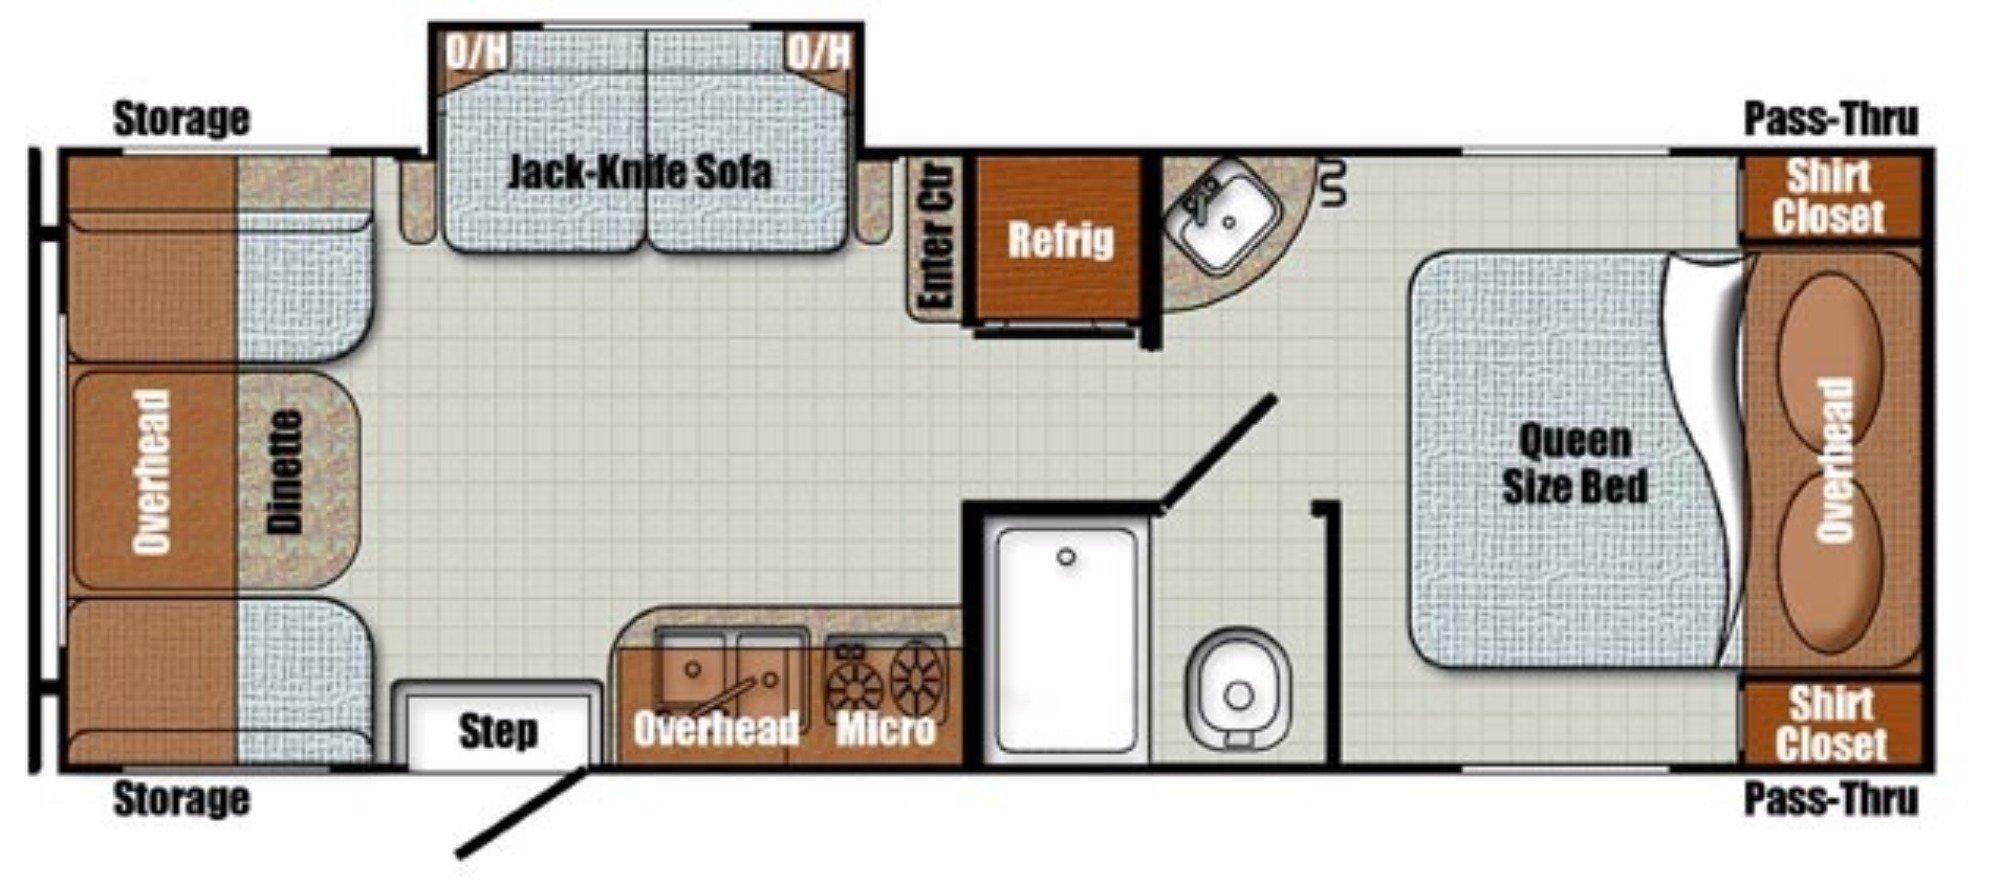 View Floor Plan for 2018 GULF STREAM VINTAGE CRUISER 23RSS